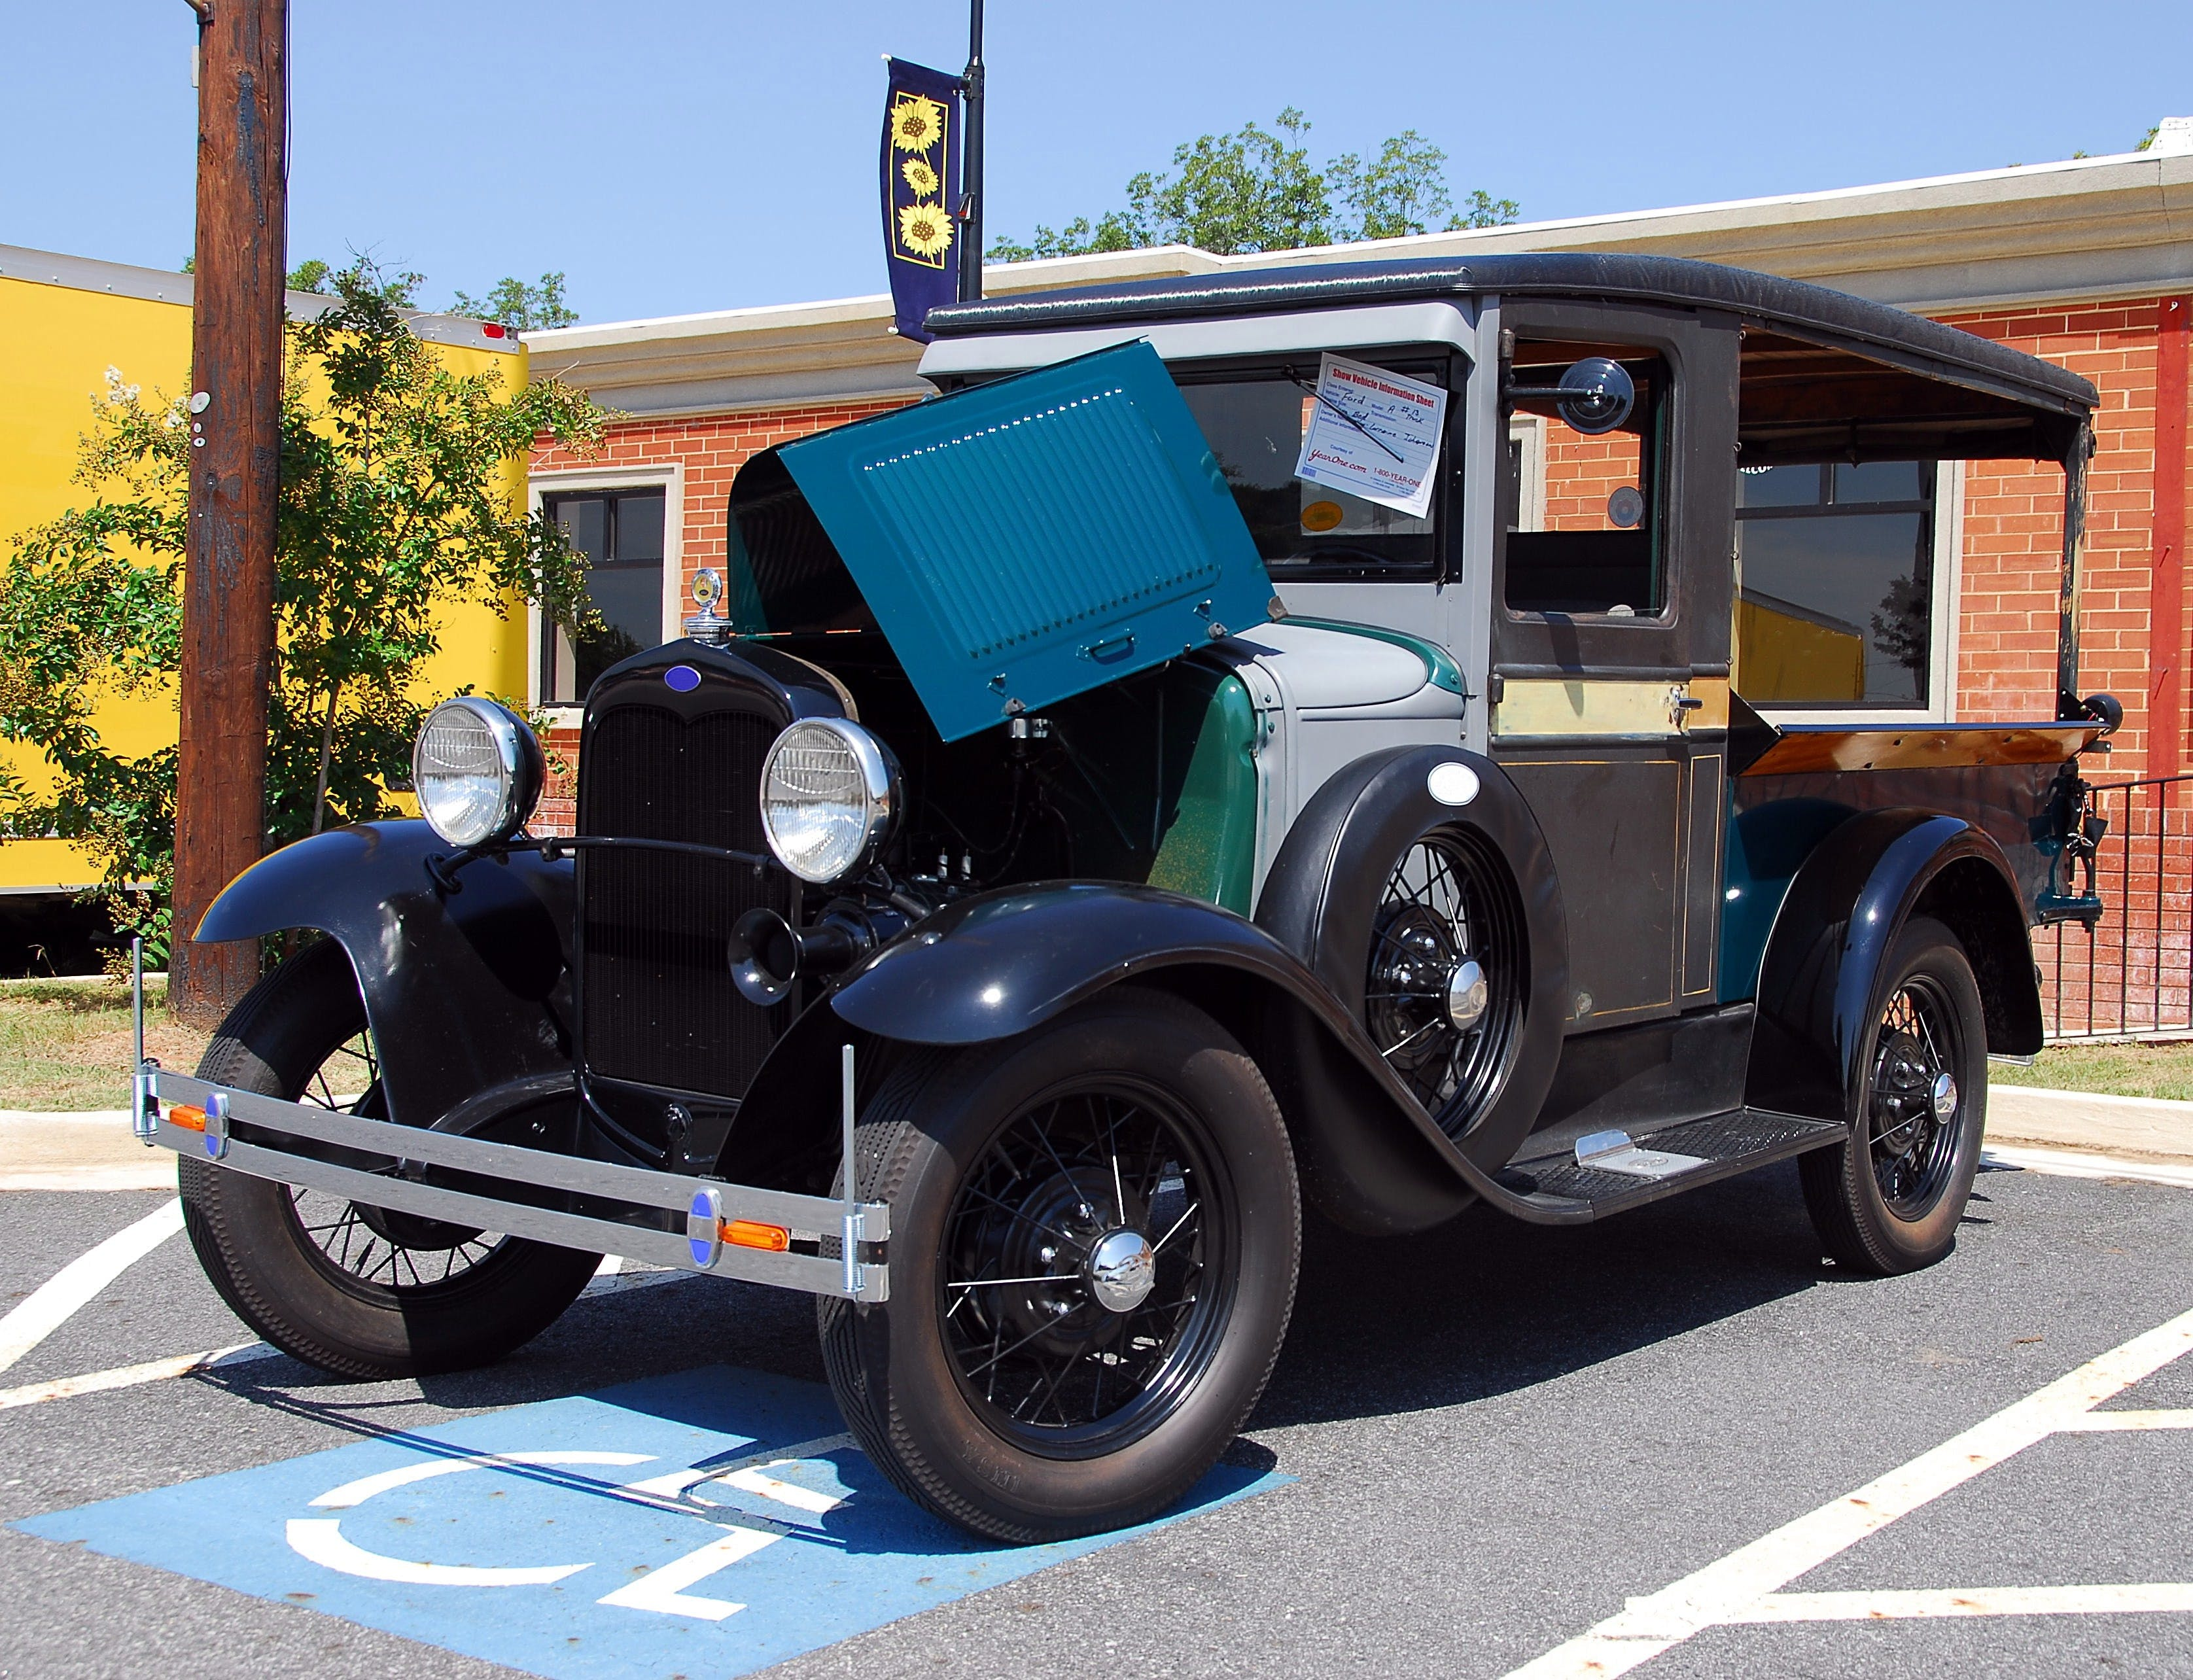 zu antik, ausstellung, auto, automobil